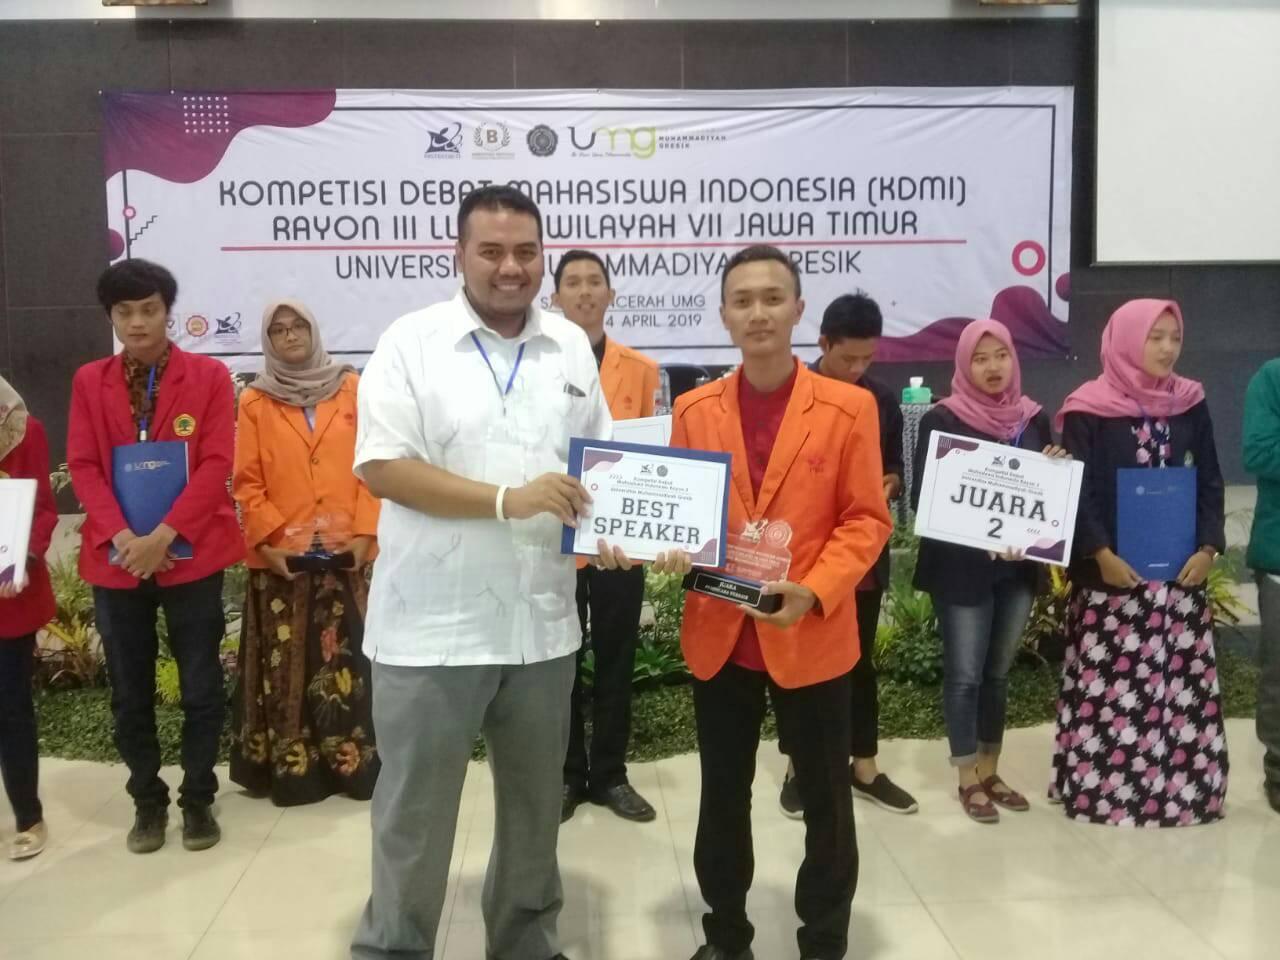 Bayu Alfiansyah meraih penghargaan Best Speaker dalam KDMI 2019 Regional III Wilayah VII Jawa Timur